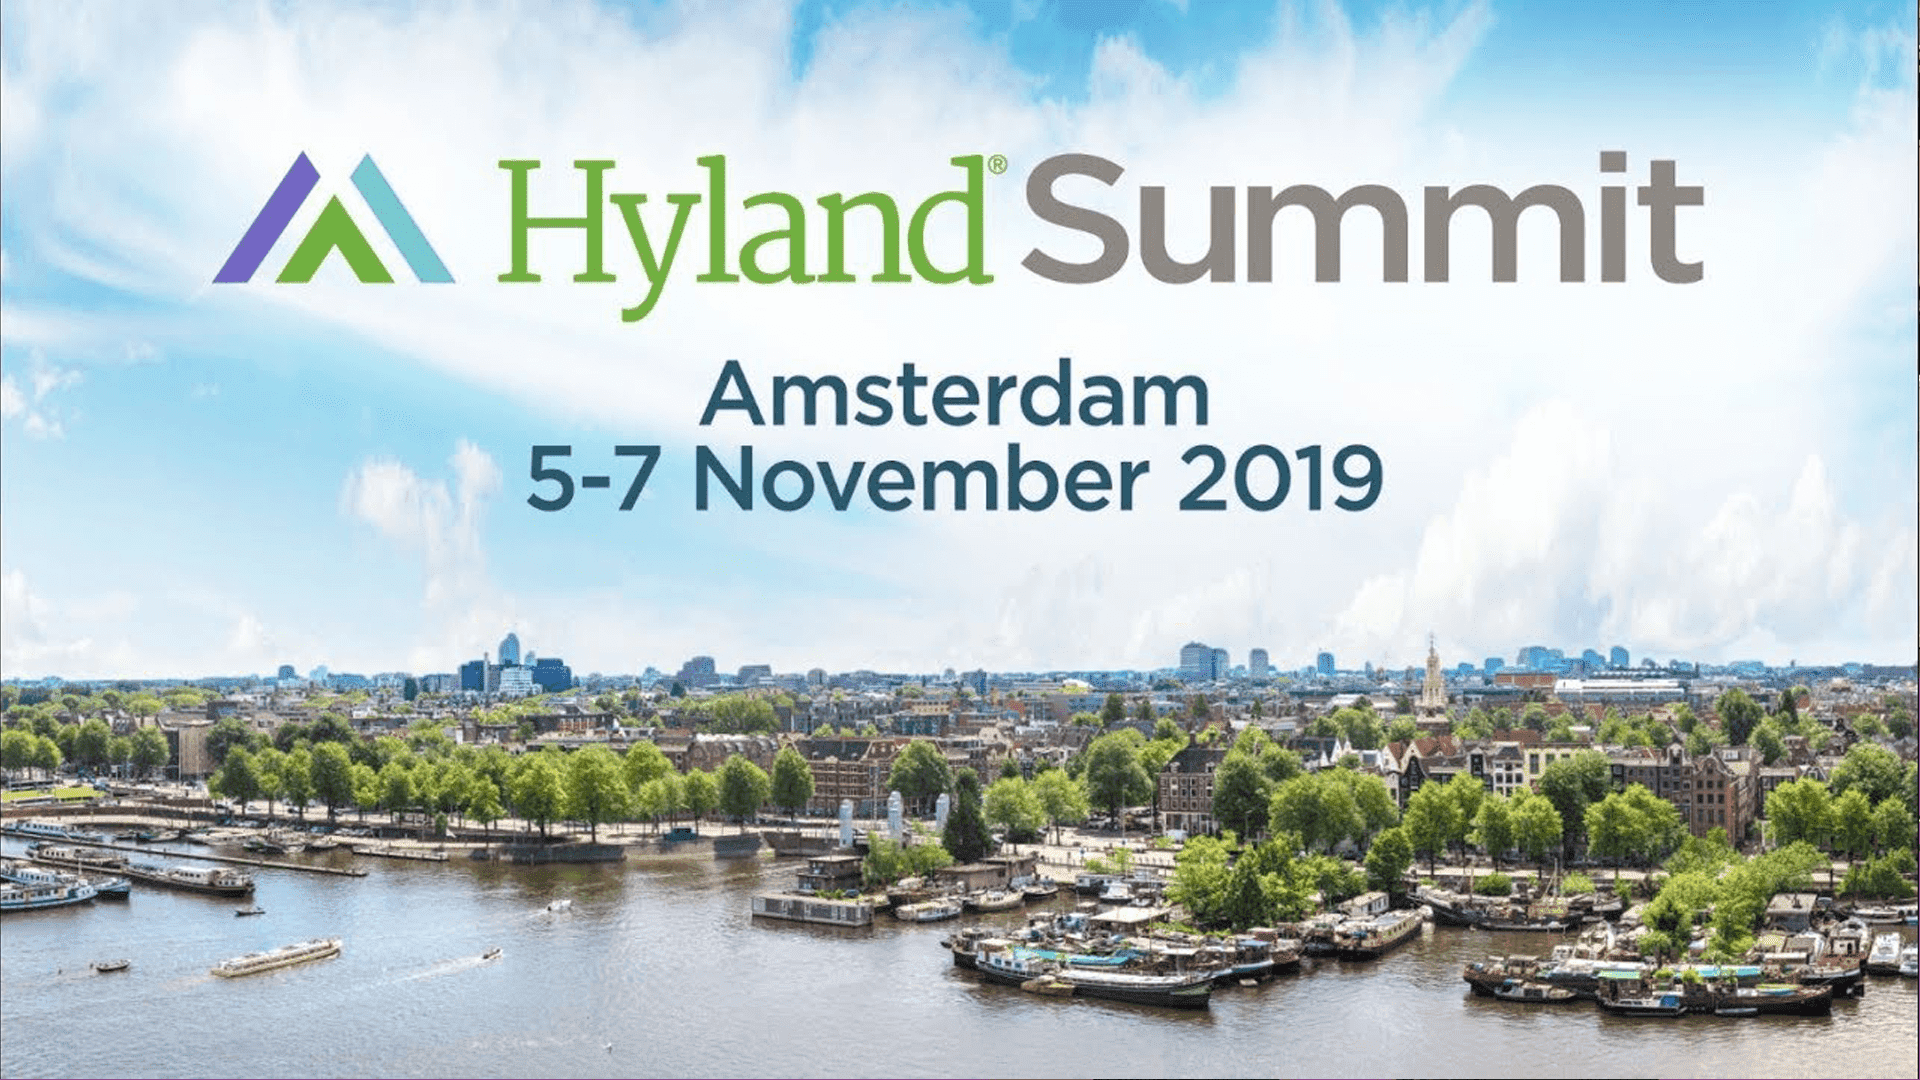 Tessi au Hyland Summit EMEA 2019 cover image